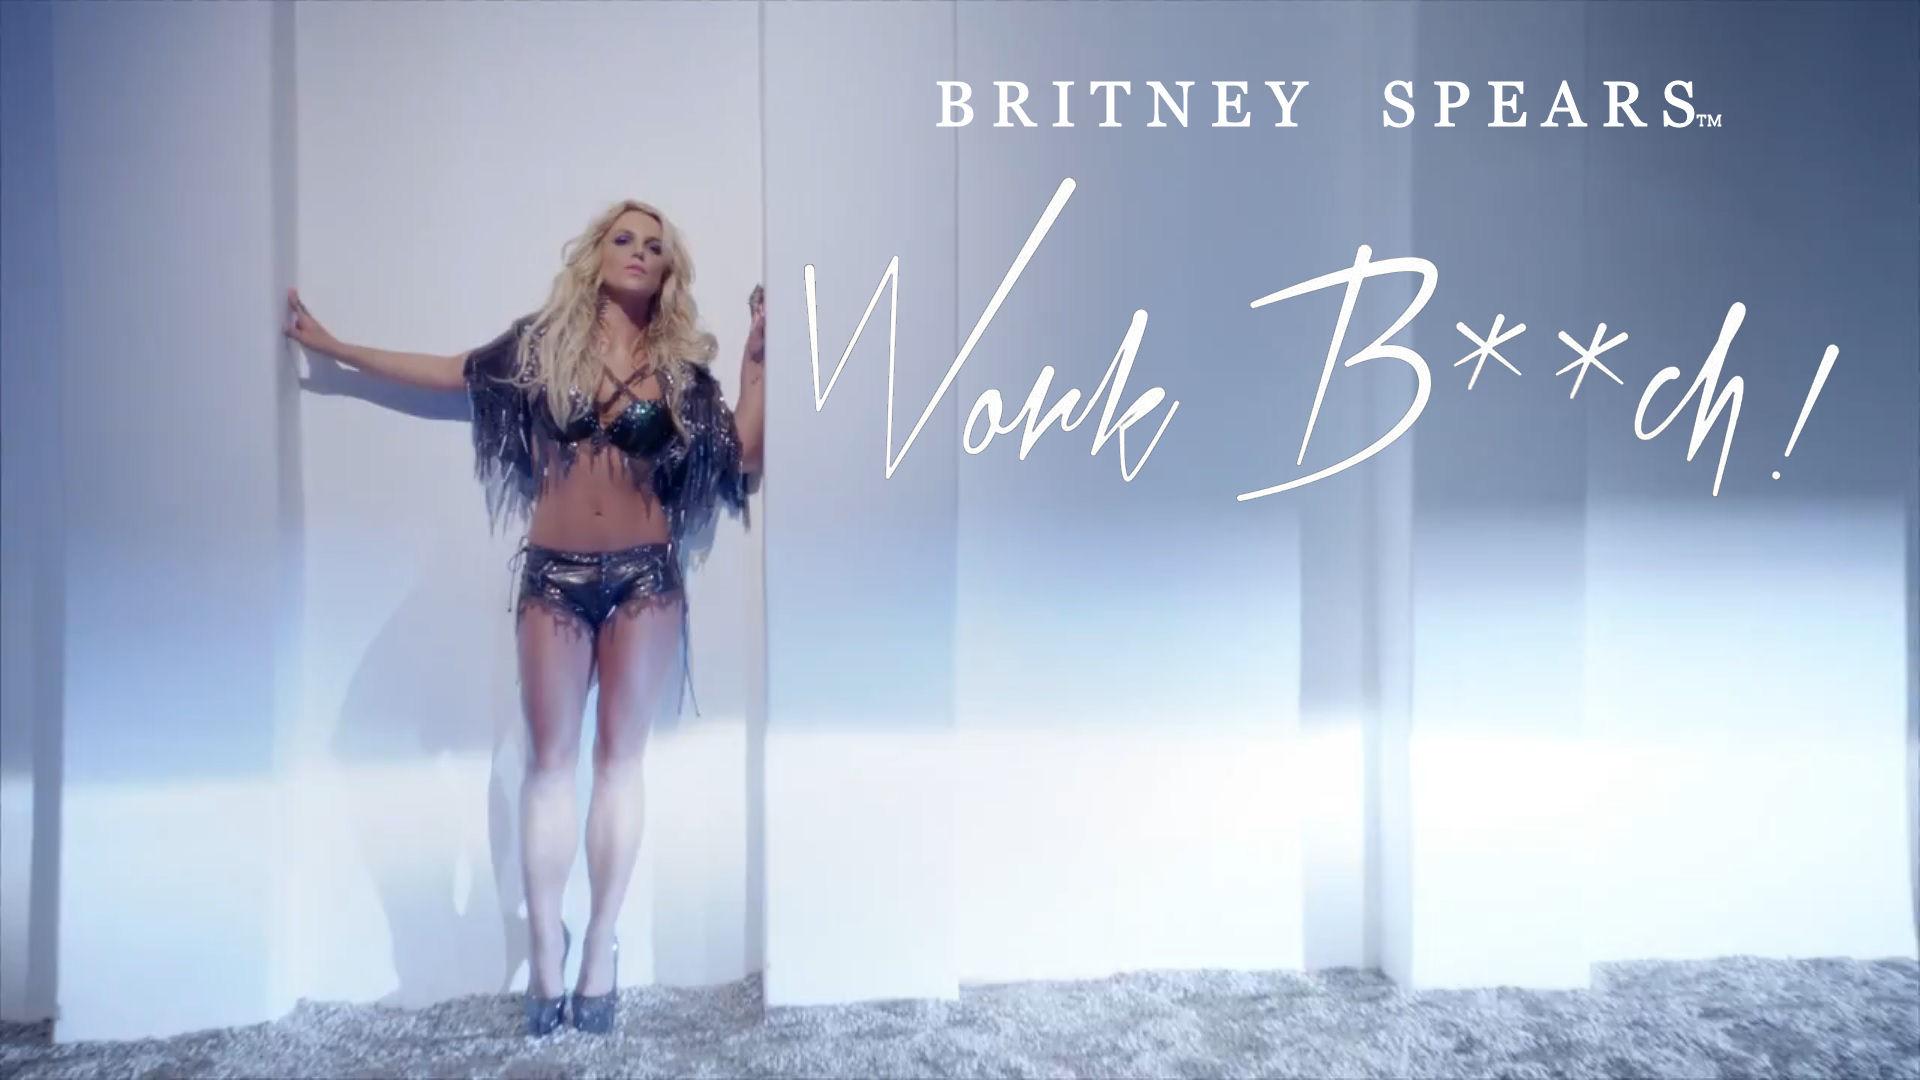 Britney spears work bitch uncensored version 8